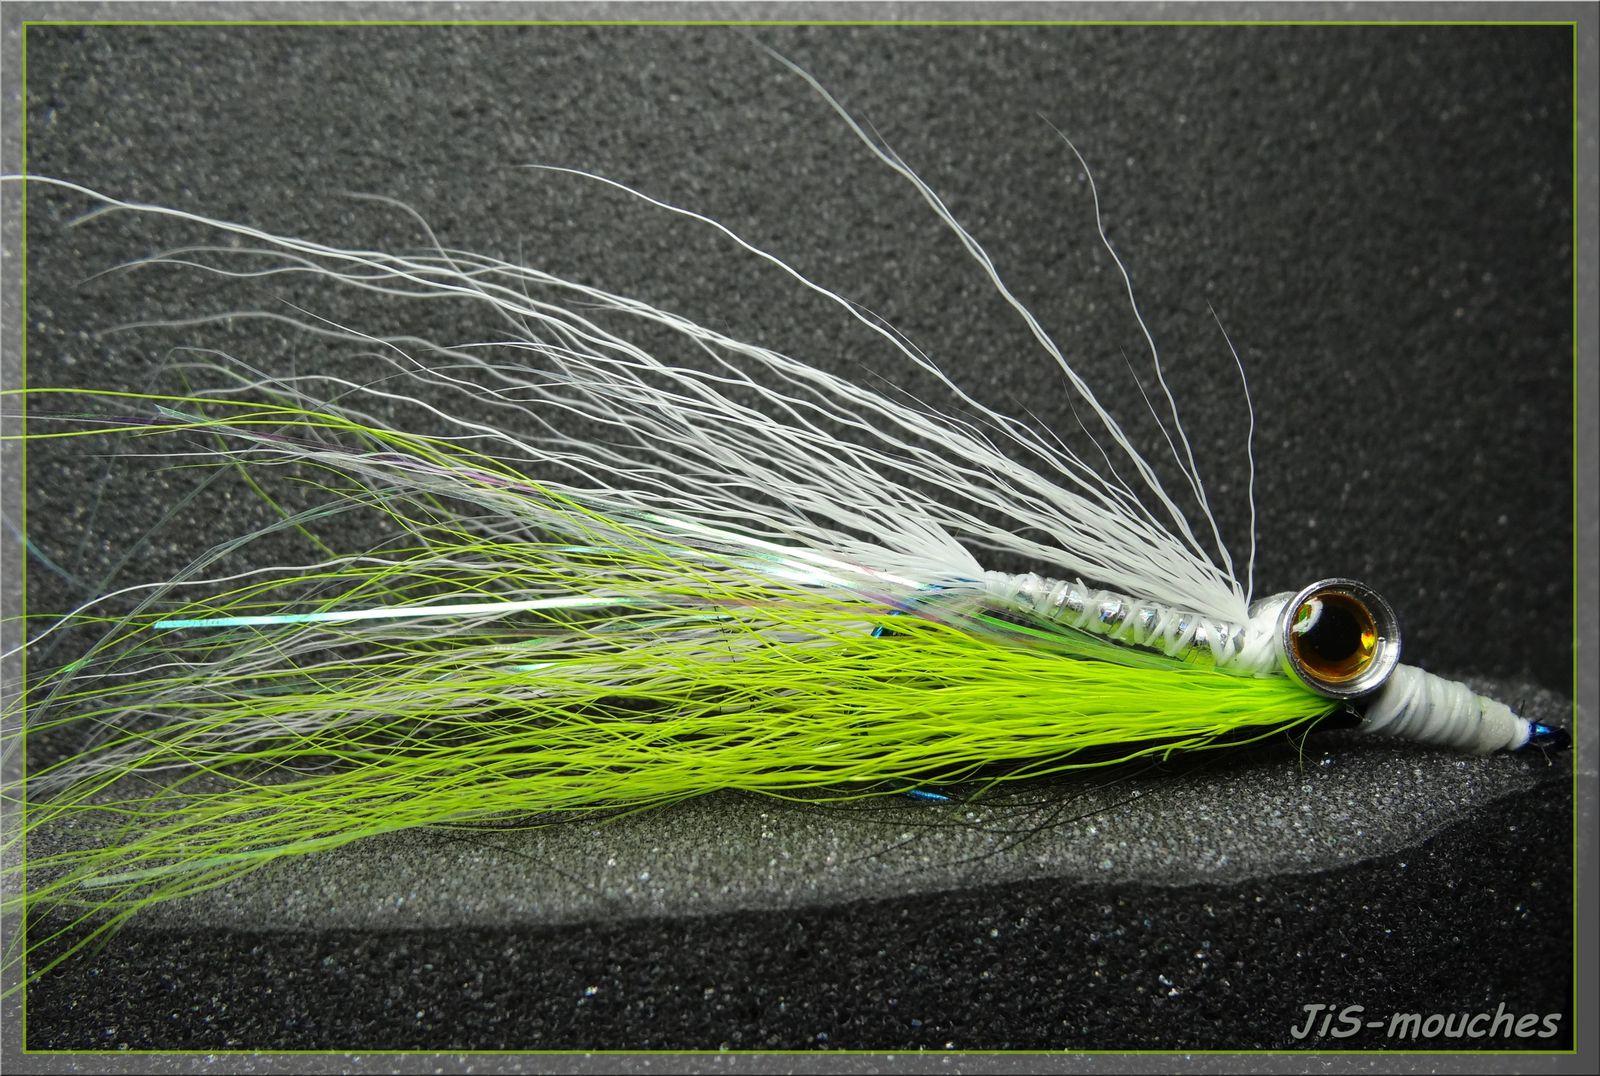 Clouser minnow, au choix....Blanc/jaune/noir....Blanc/chartreuse/noir....